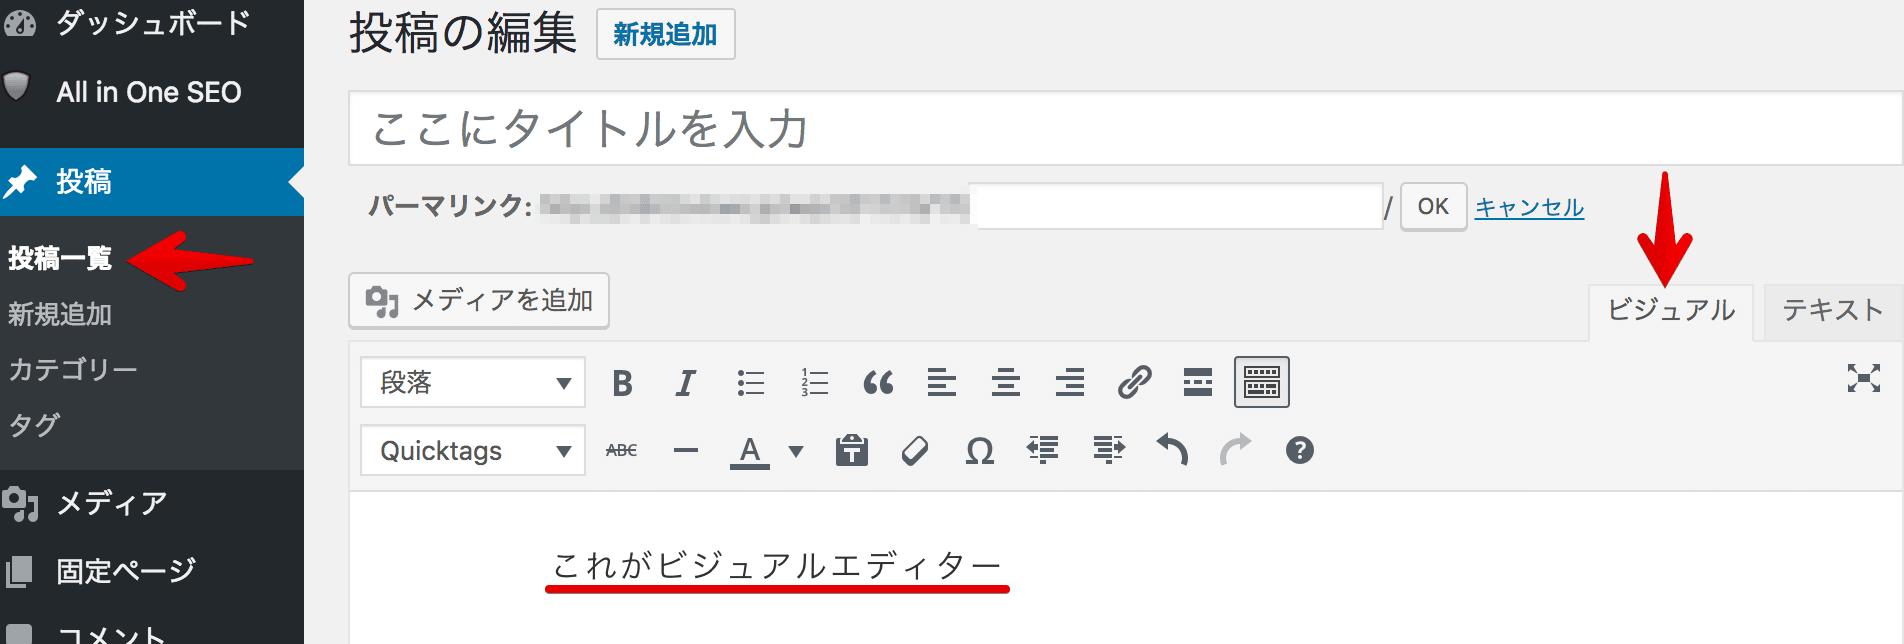 WordPressビジュアルエディター投稿